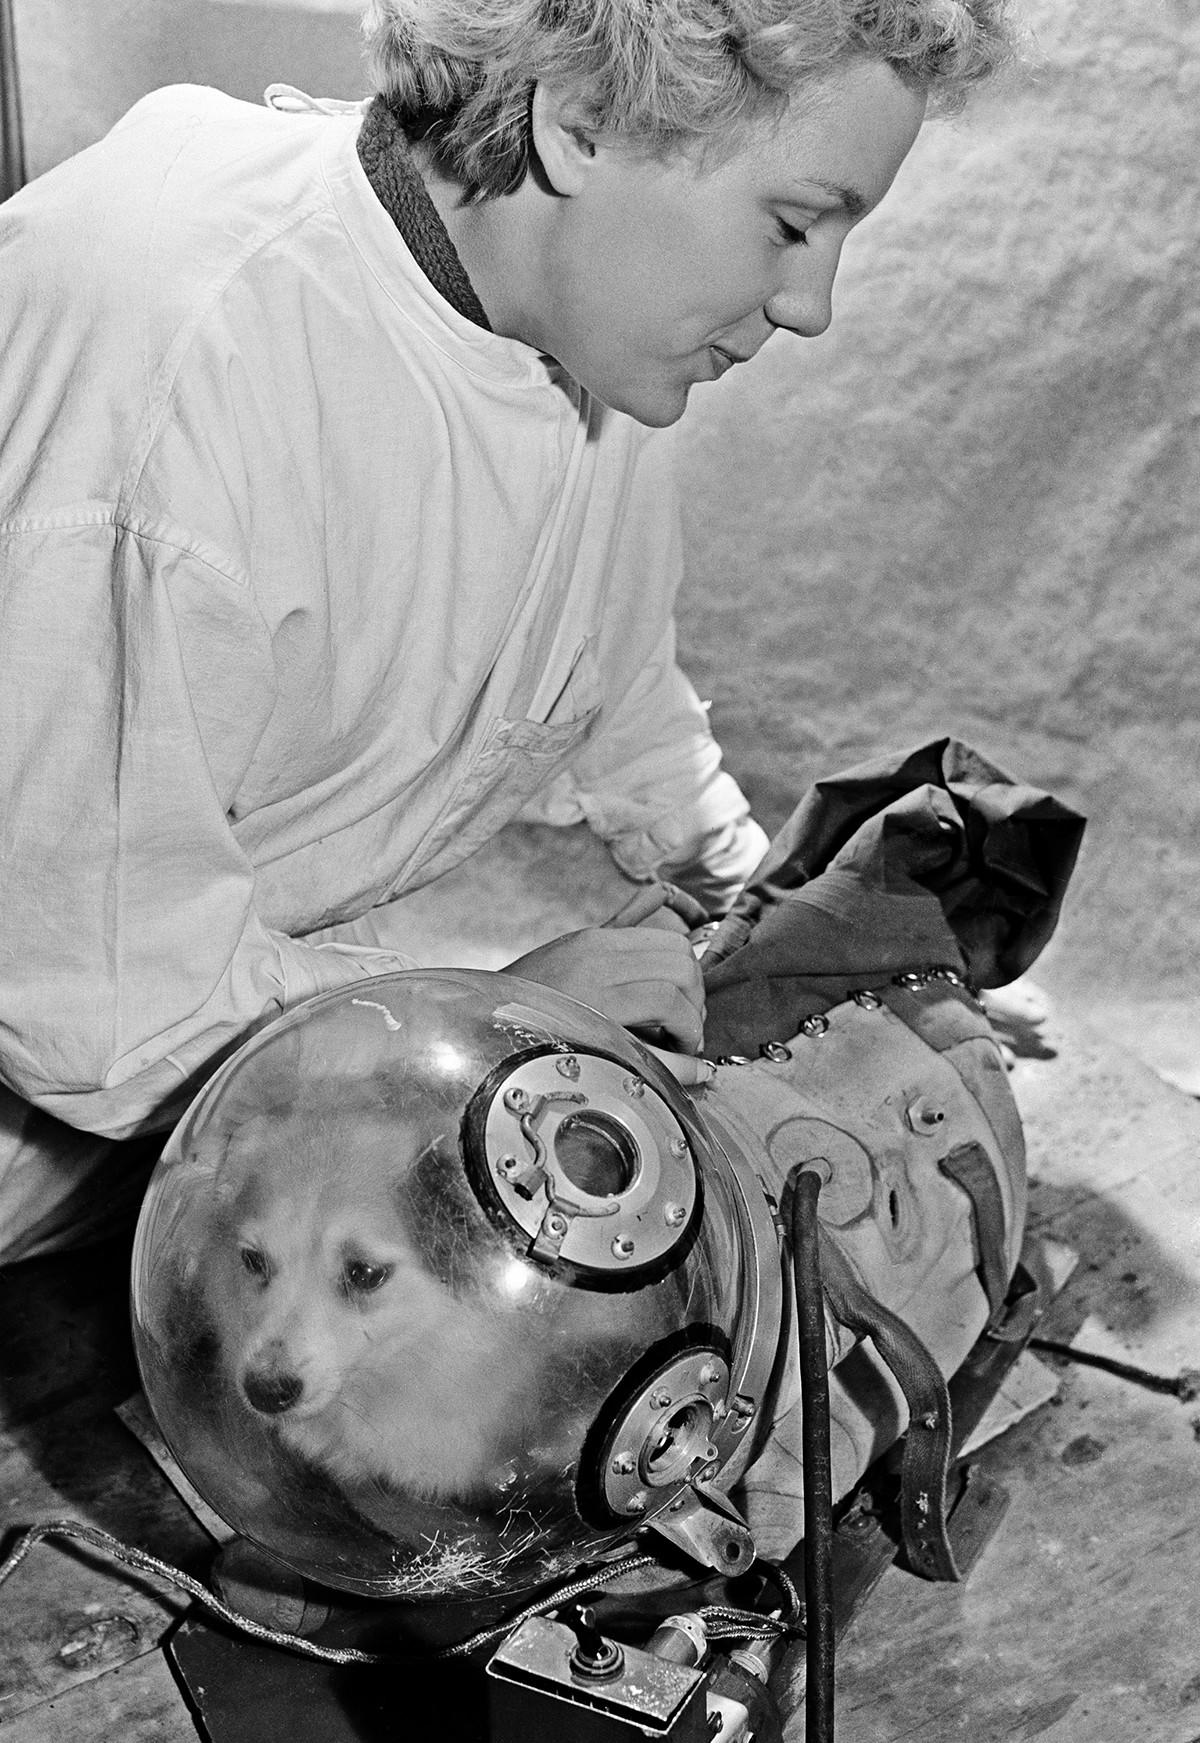 Asisten laboratorium Natasha Kazakova melatih Kozyavka, anjing yang akan menjalani uji terbang ke ruang angkasa pada 1959.